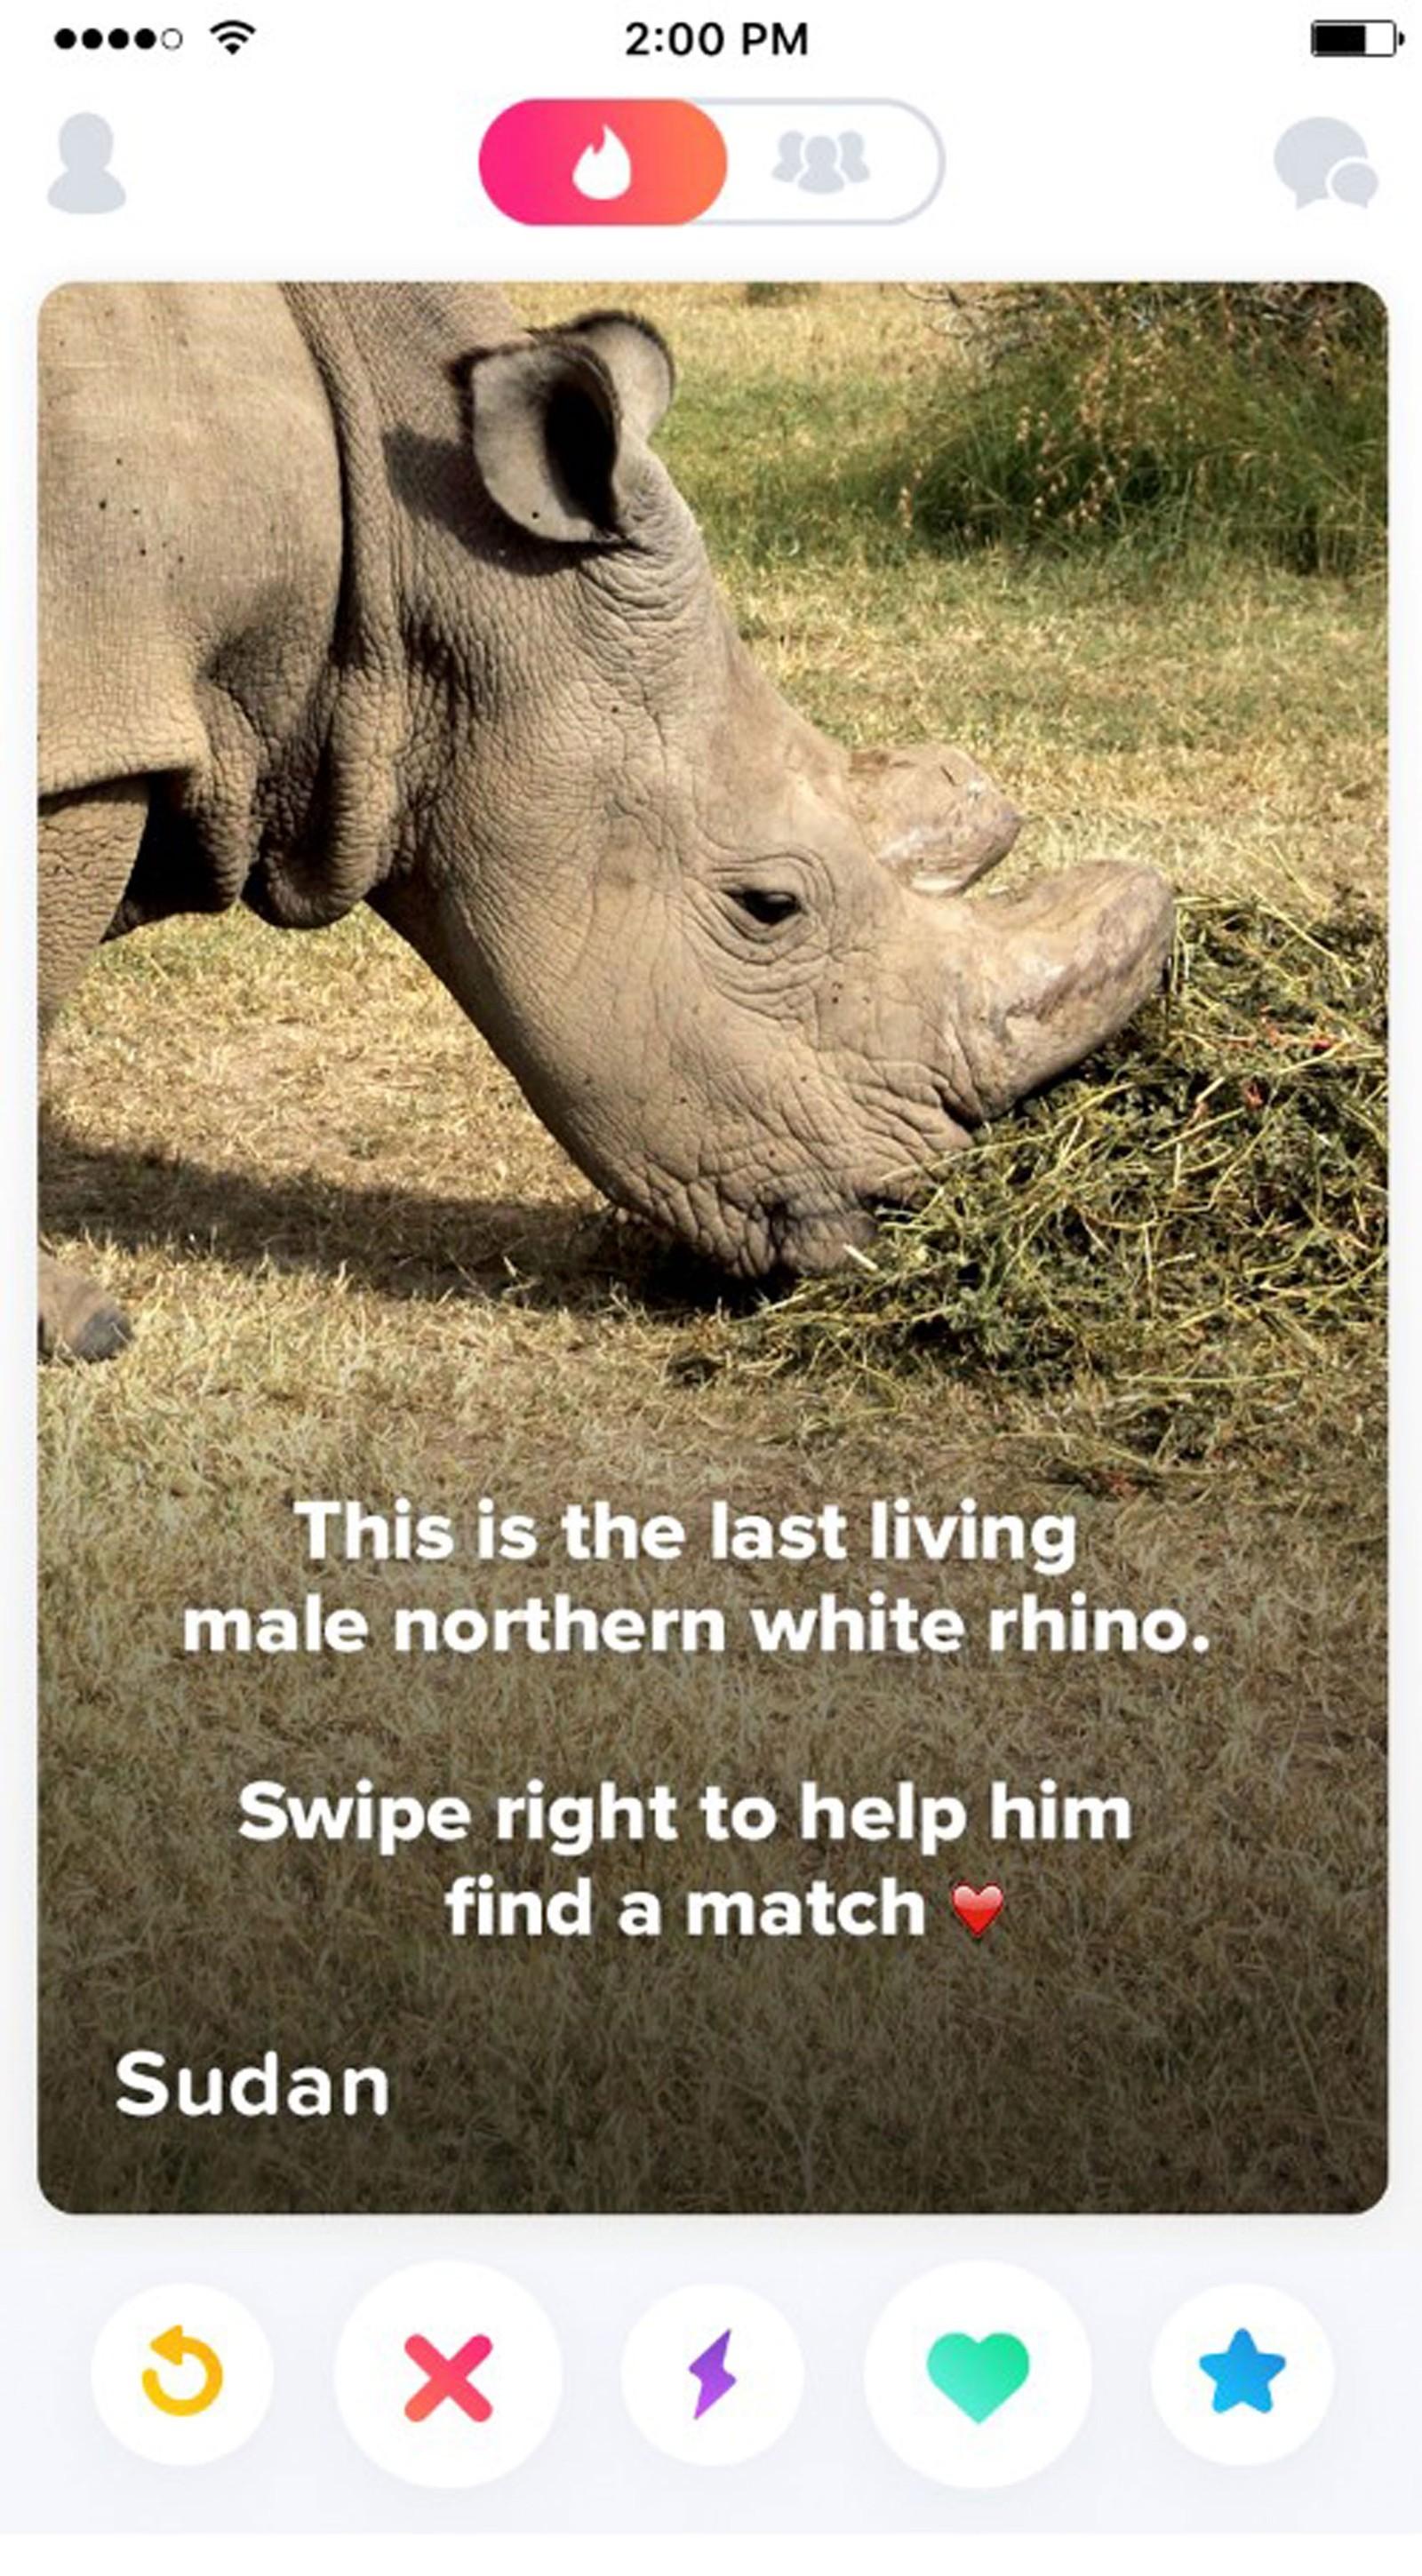 Este é o último macho vivo de rinoceronte-branco do norte. Deslize para a direita para ajudá-lo a encontrar uma parceira. (Foto: Reprodução)